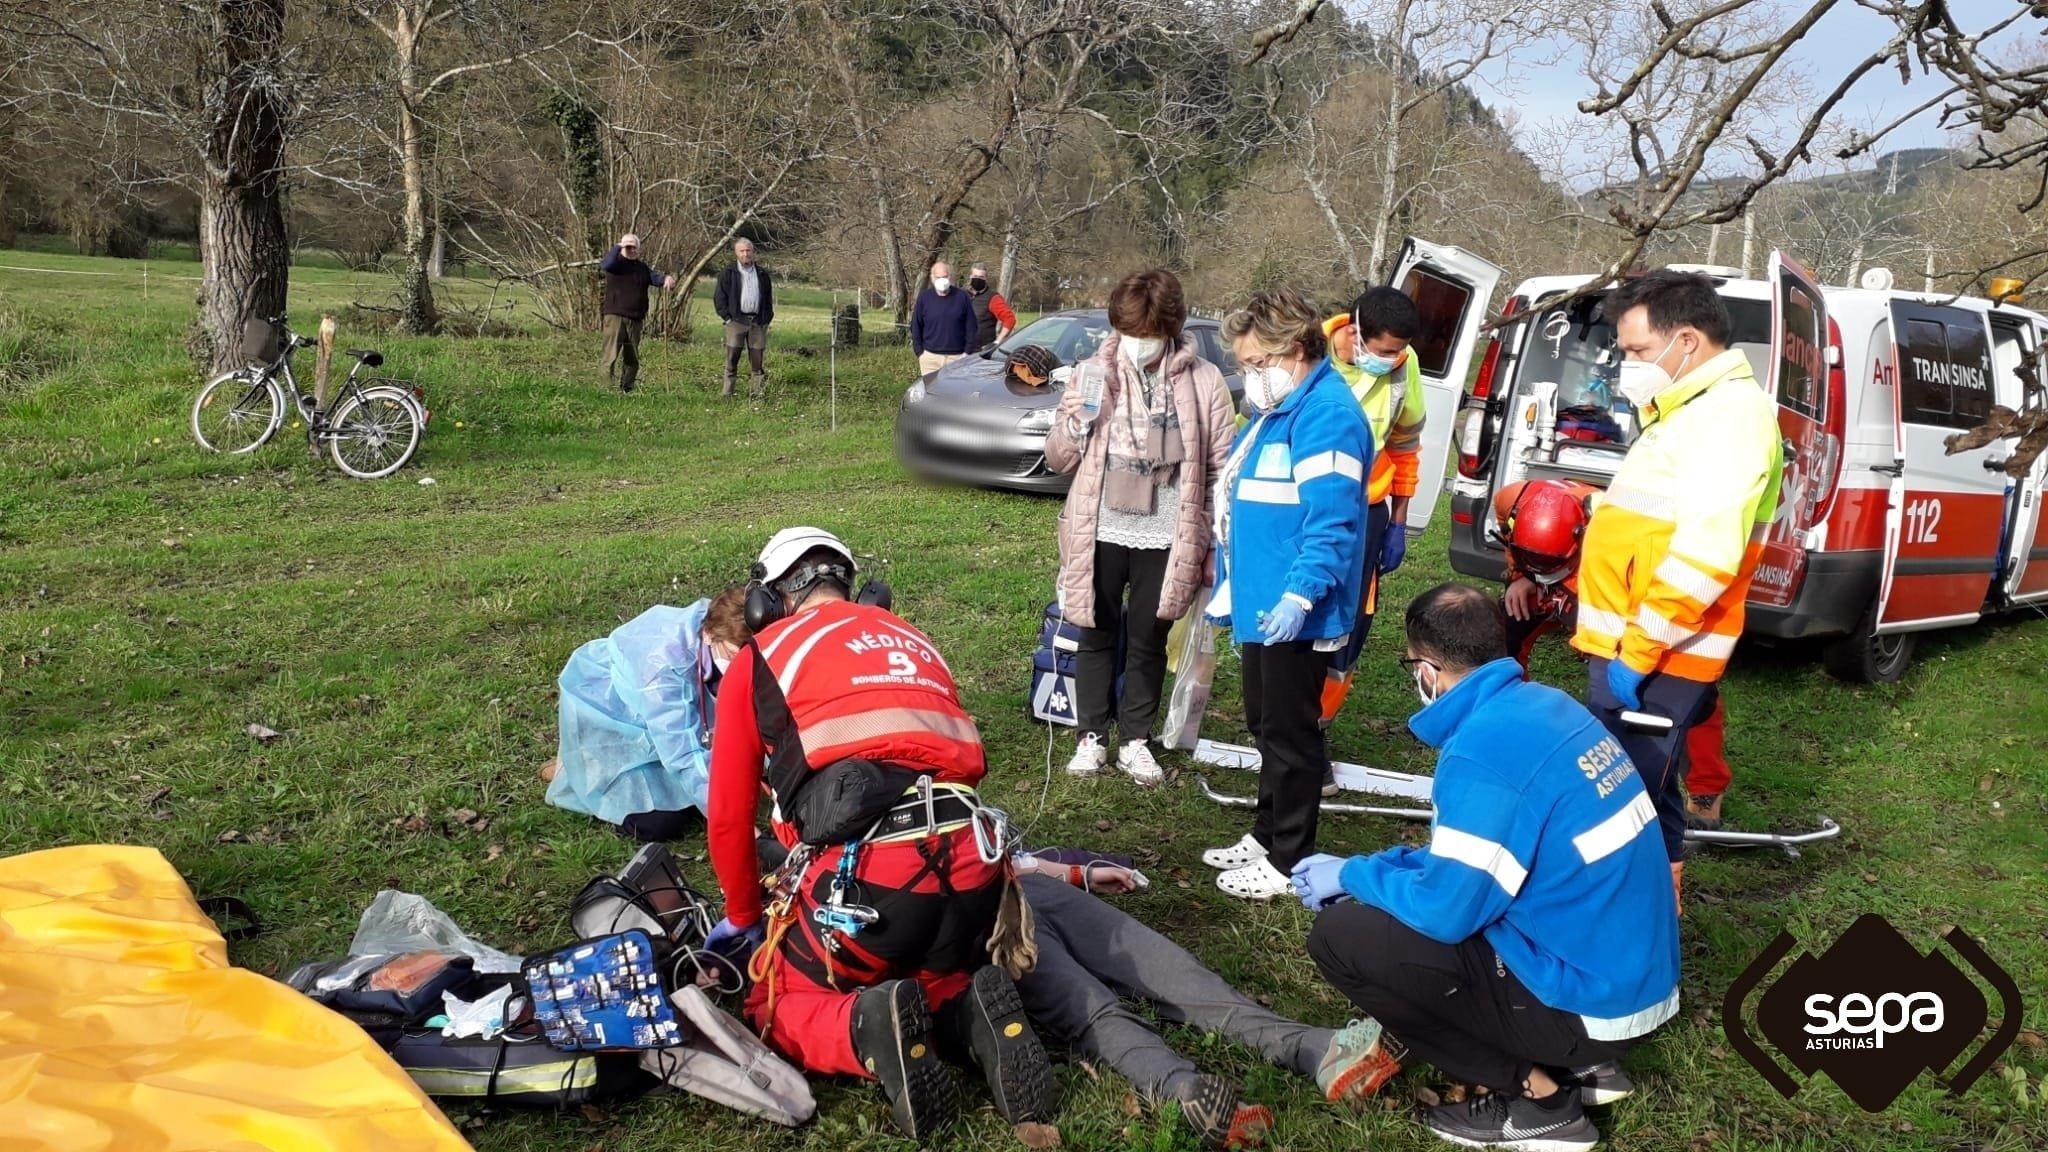 El Grupo de Rescate de Bomberos de Asturias a bordo del helicóptero medicalizado ha evacuado al HUCA a una mujer que sufrió una caída de un caballo en Laneo, Salas.